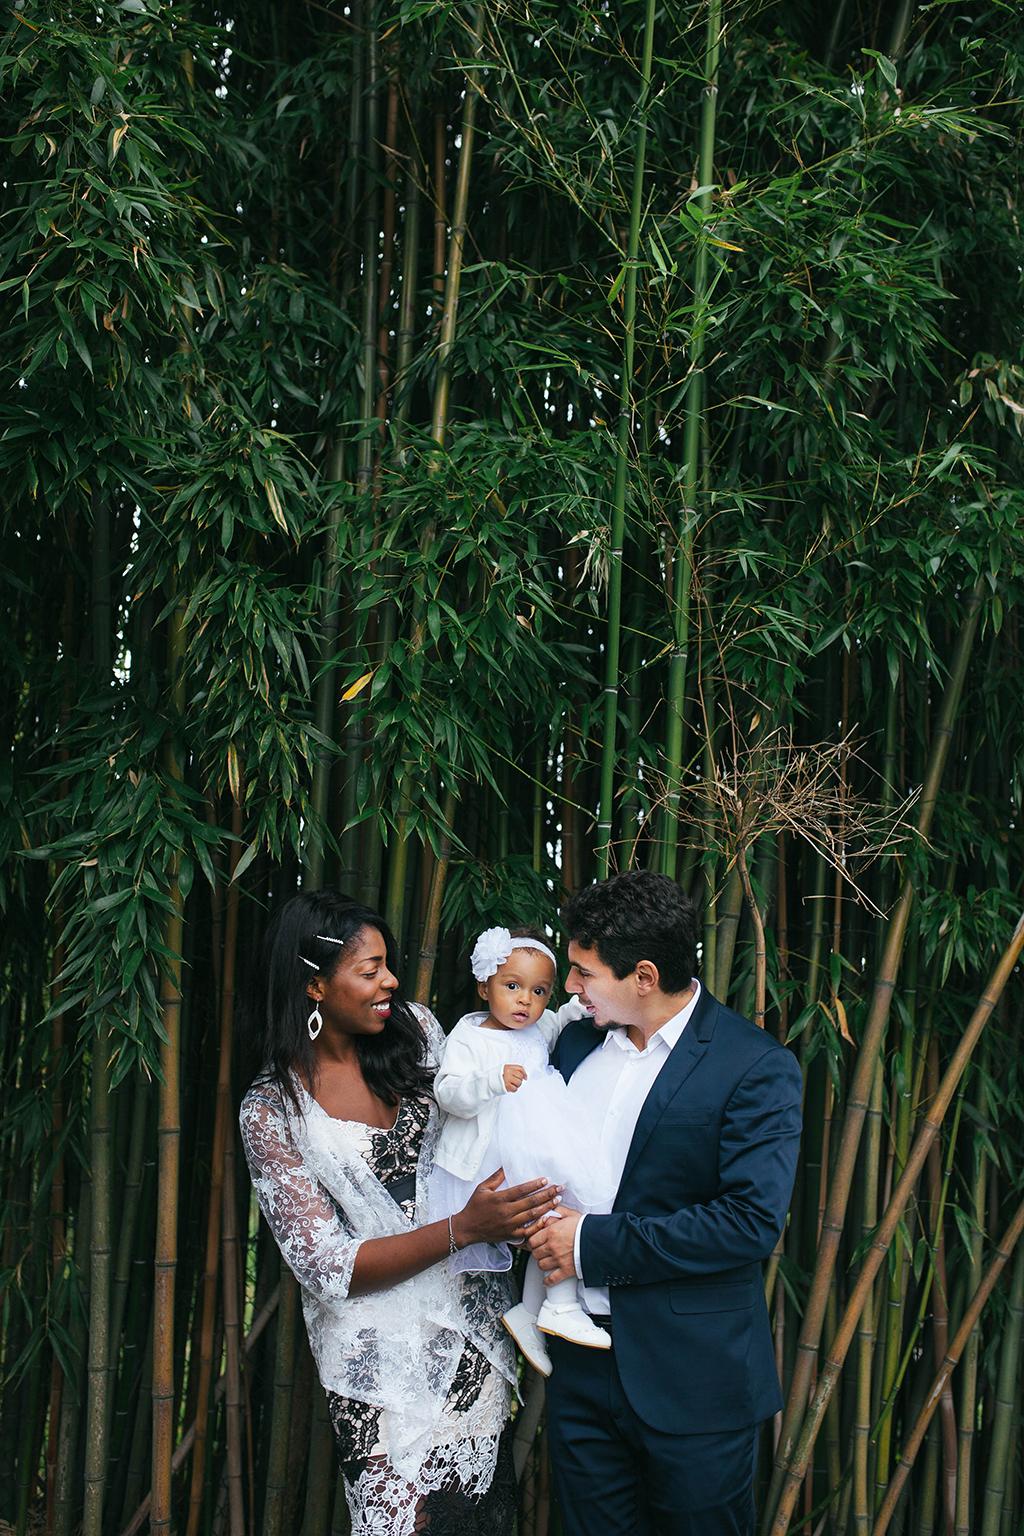 battesimo emozionale padova treviso venezia Deborah Brugnera fotografa emozionale veneto